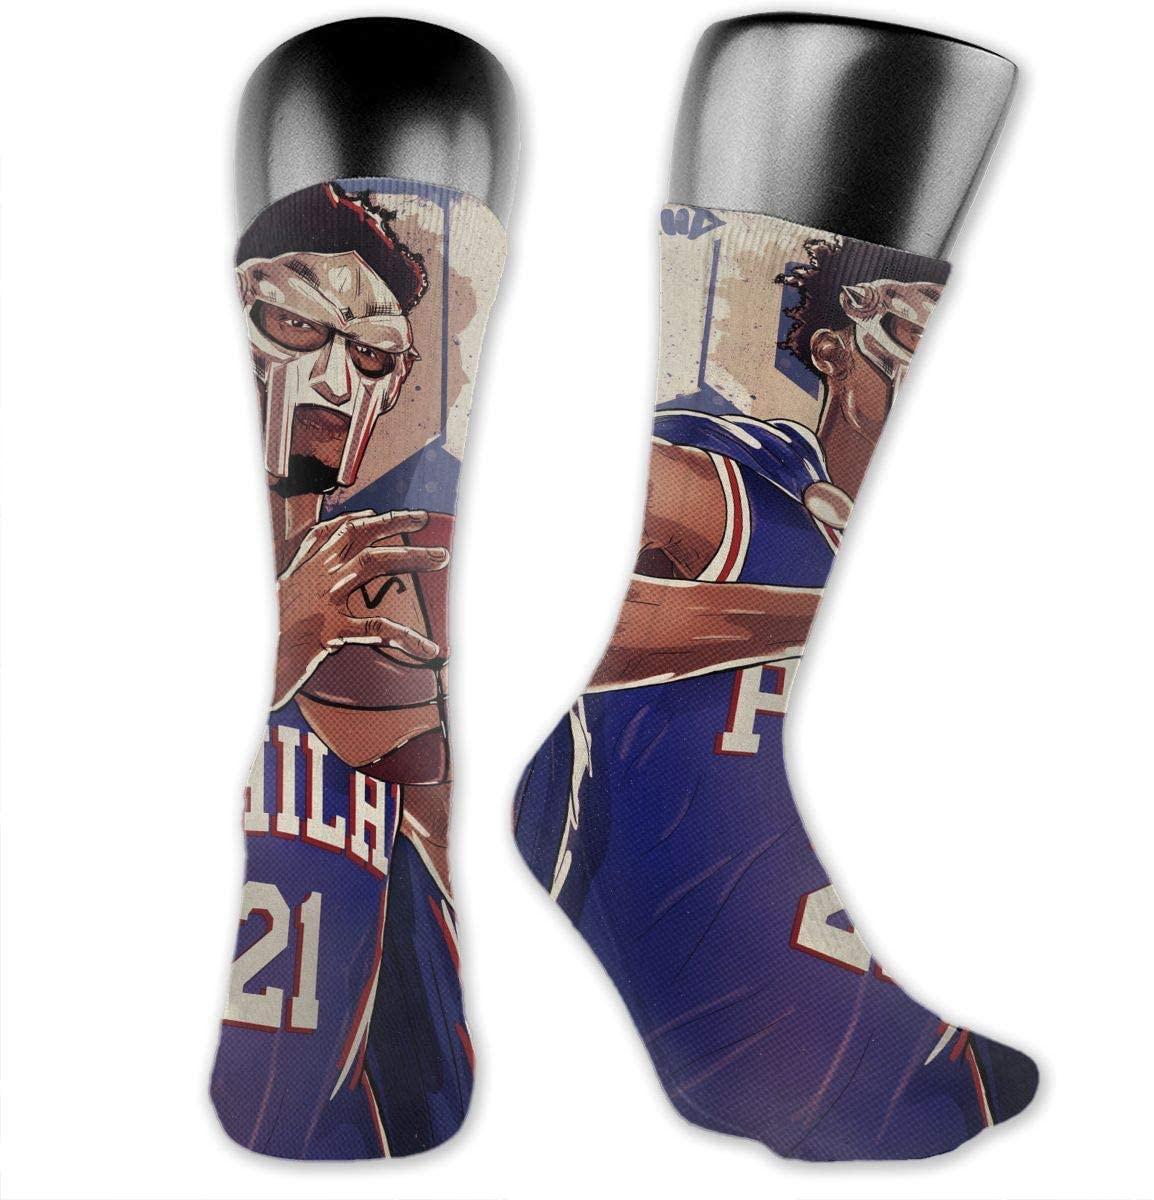 DLAZANA Embiid Crew Socks in Size 3.14 x 15.75 inches